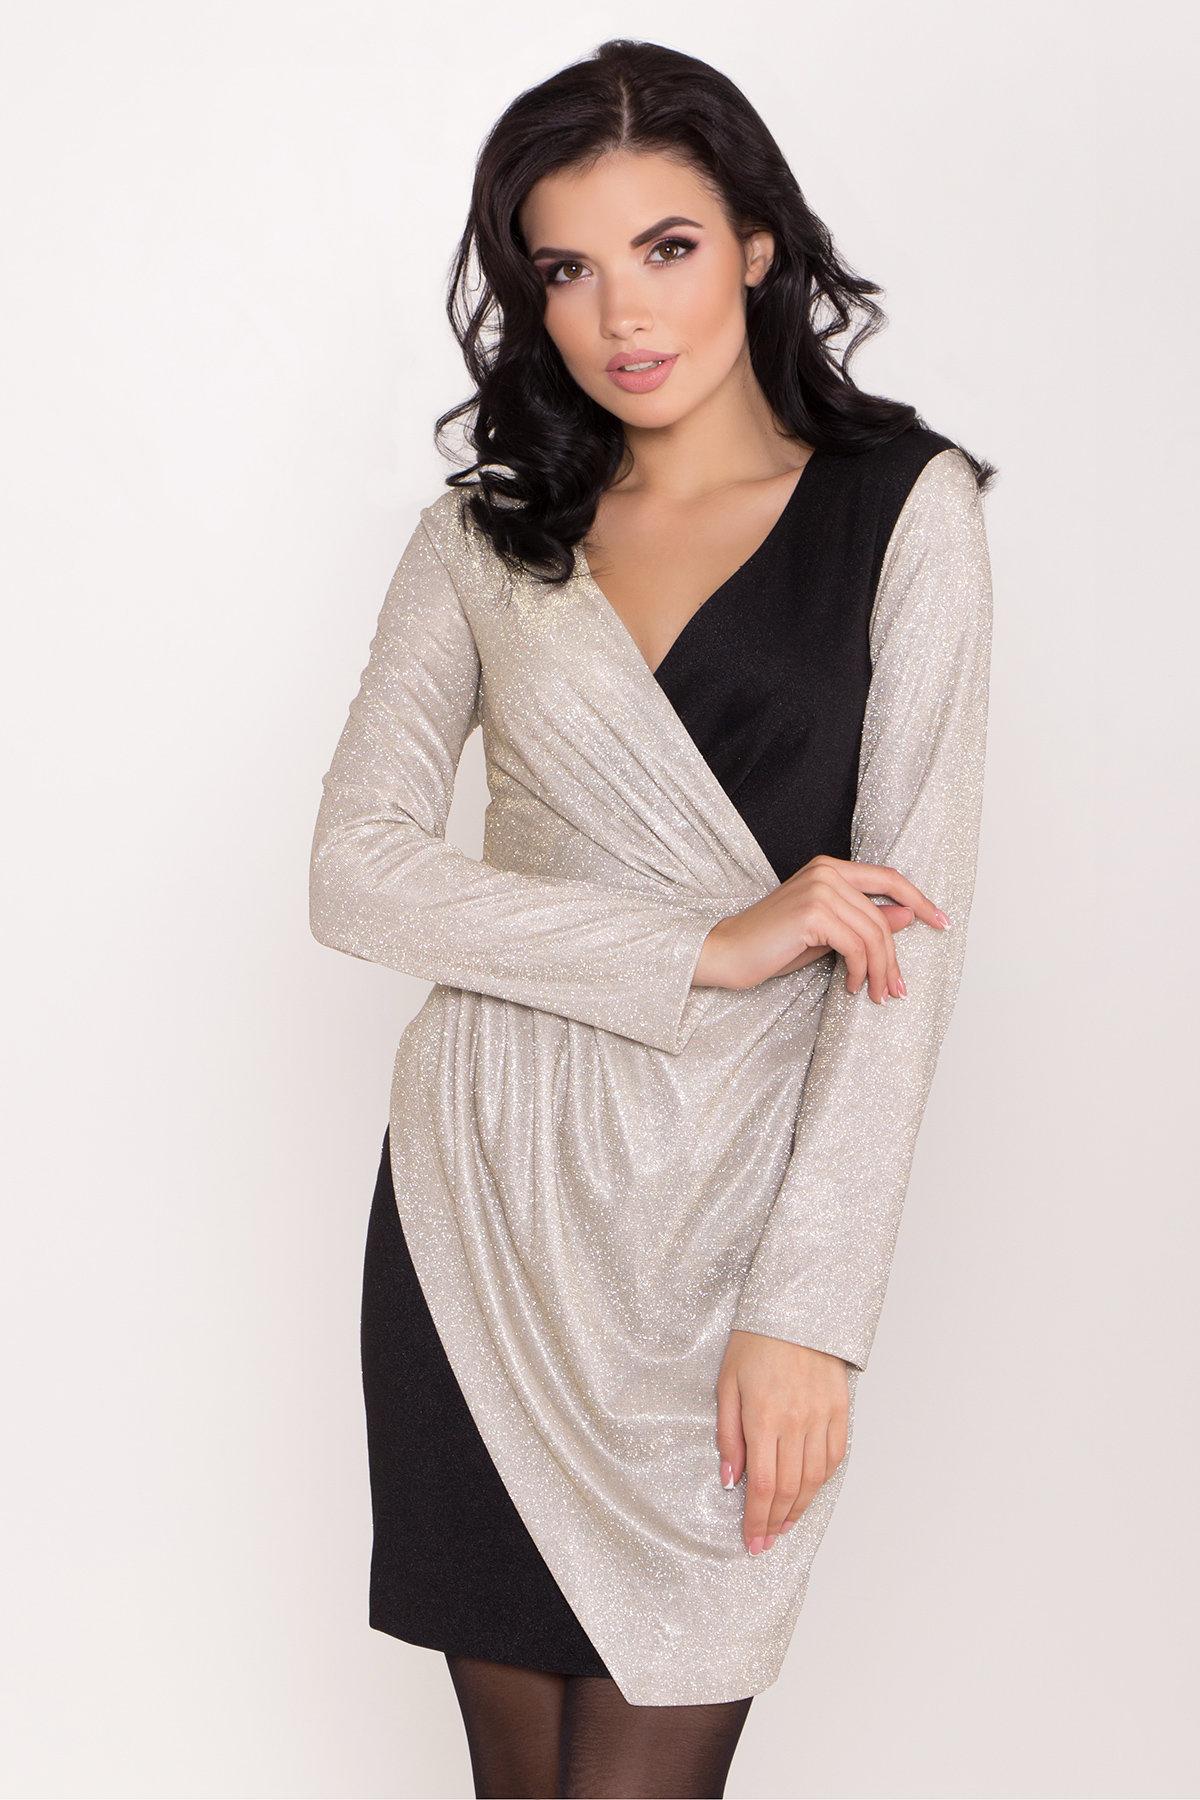 Контрастное двухцветное платье Блеск 8511 АРТ. 44822 Цвет: Серебро/золото - фото 4, интернет магазин tm-modus.ru